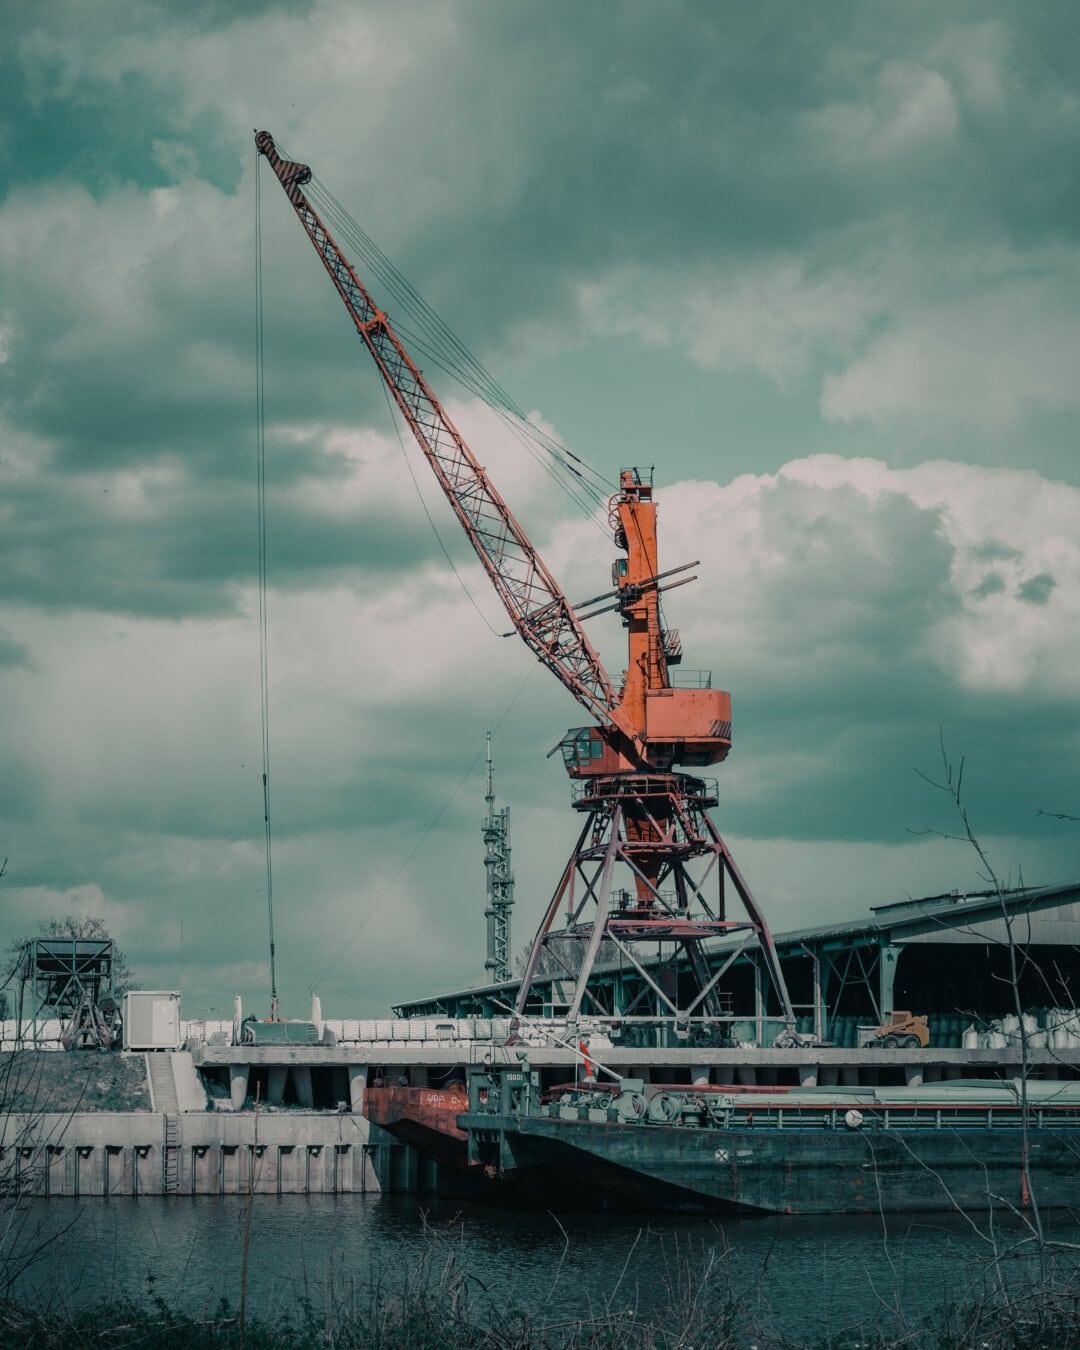 teherhajó, hajógyár, iparág, teherhajó, uszály, ipari, daru, szállítás, kikötő, szállítás